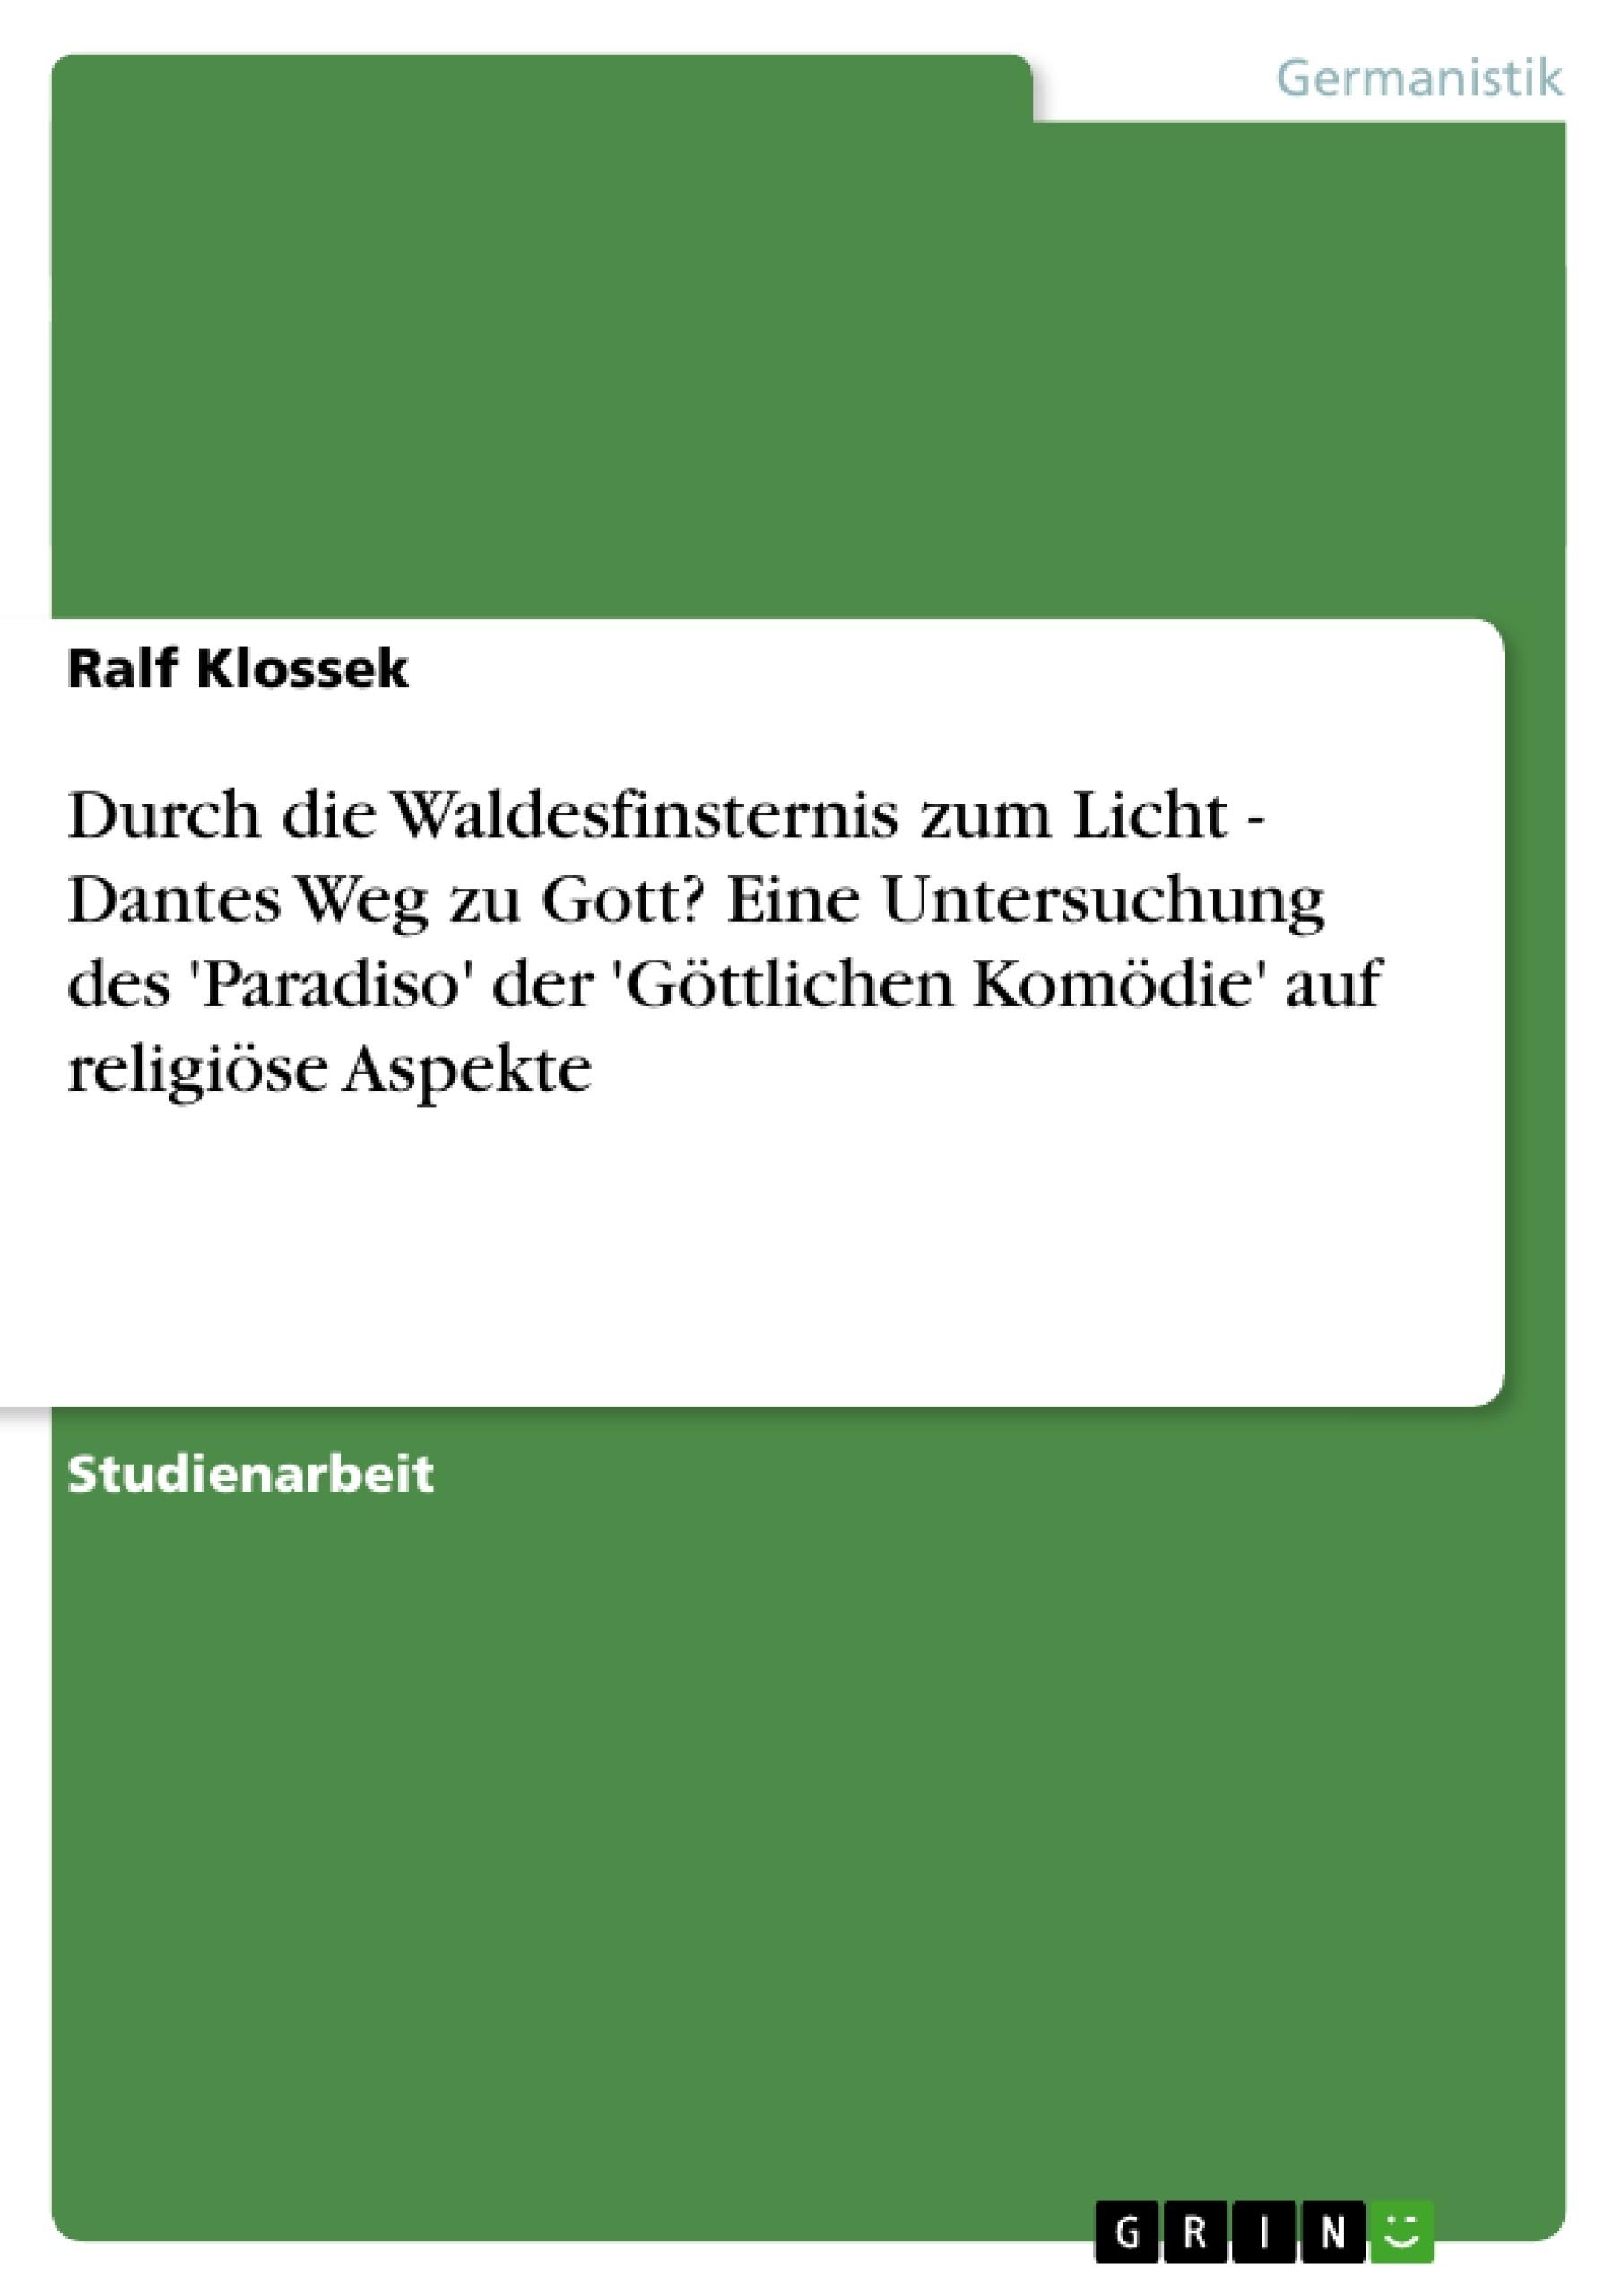 Titel: Durch die Waldesfinsternis zum Licht - Dantes Weg zu Gott? Eine Untersuchung des 'Paradiso' der 'Göttlichen Komödie' auf religiöse Aspekte